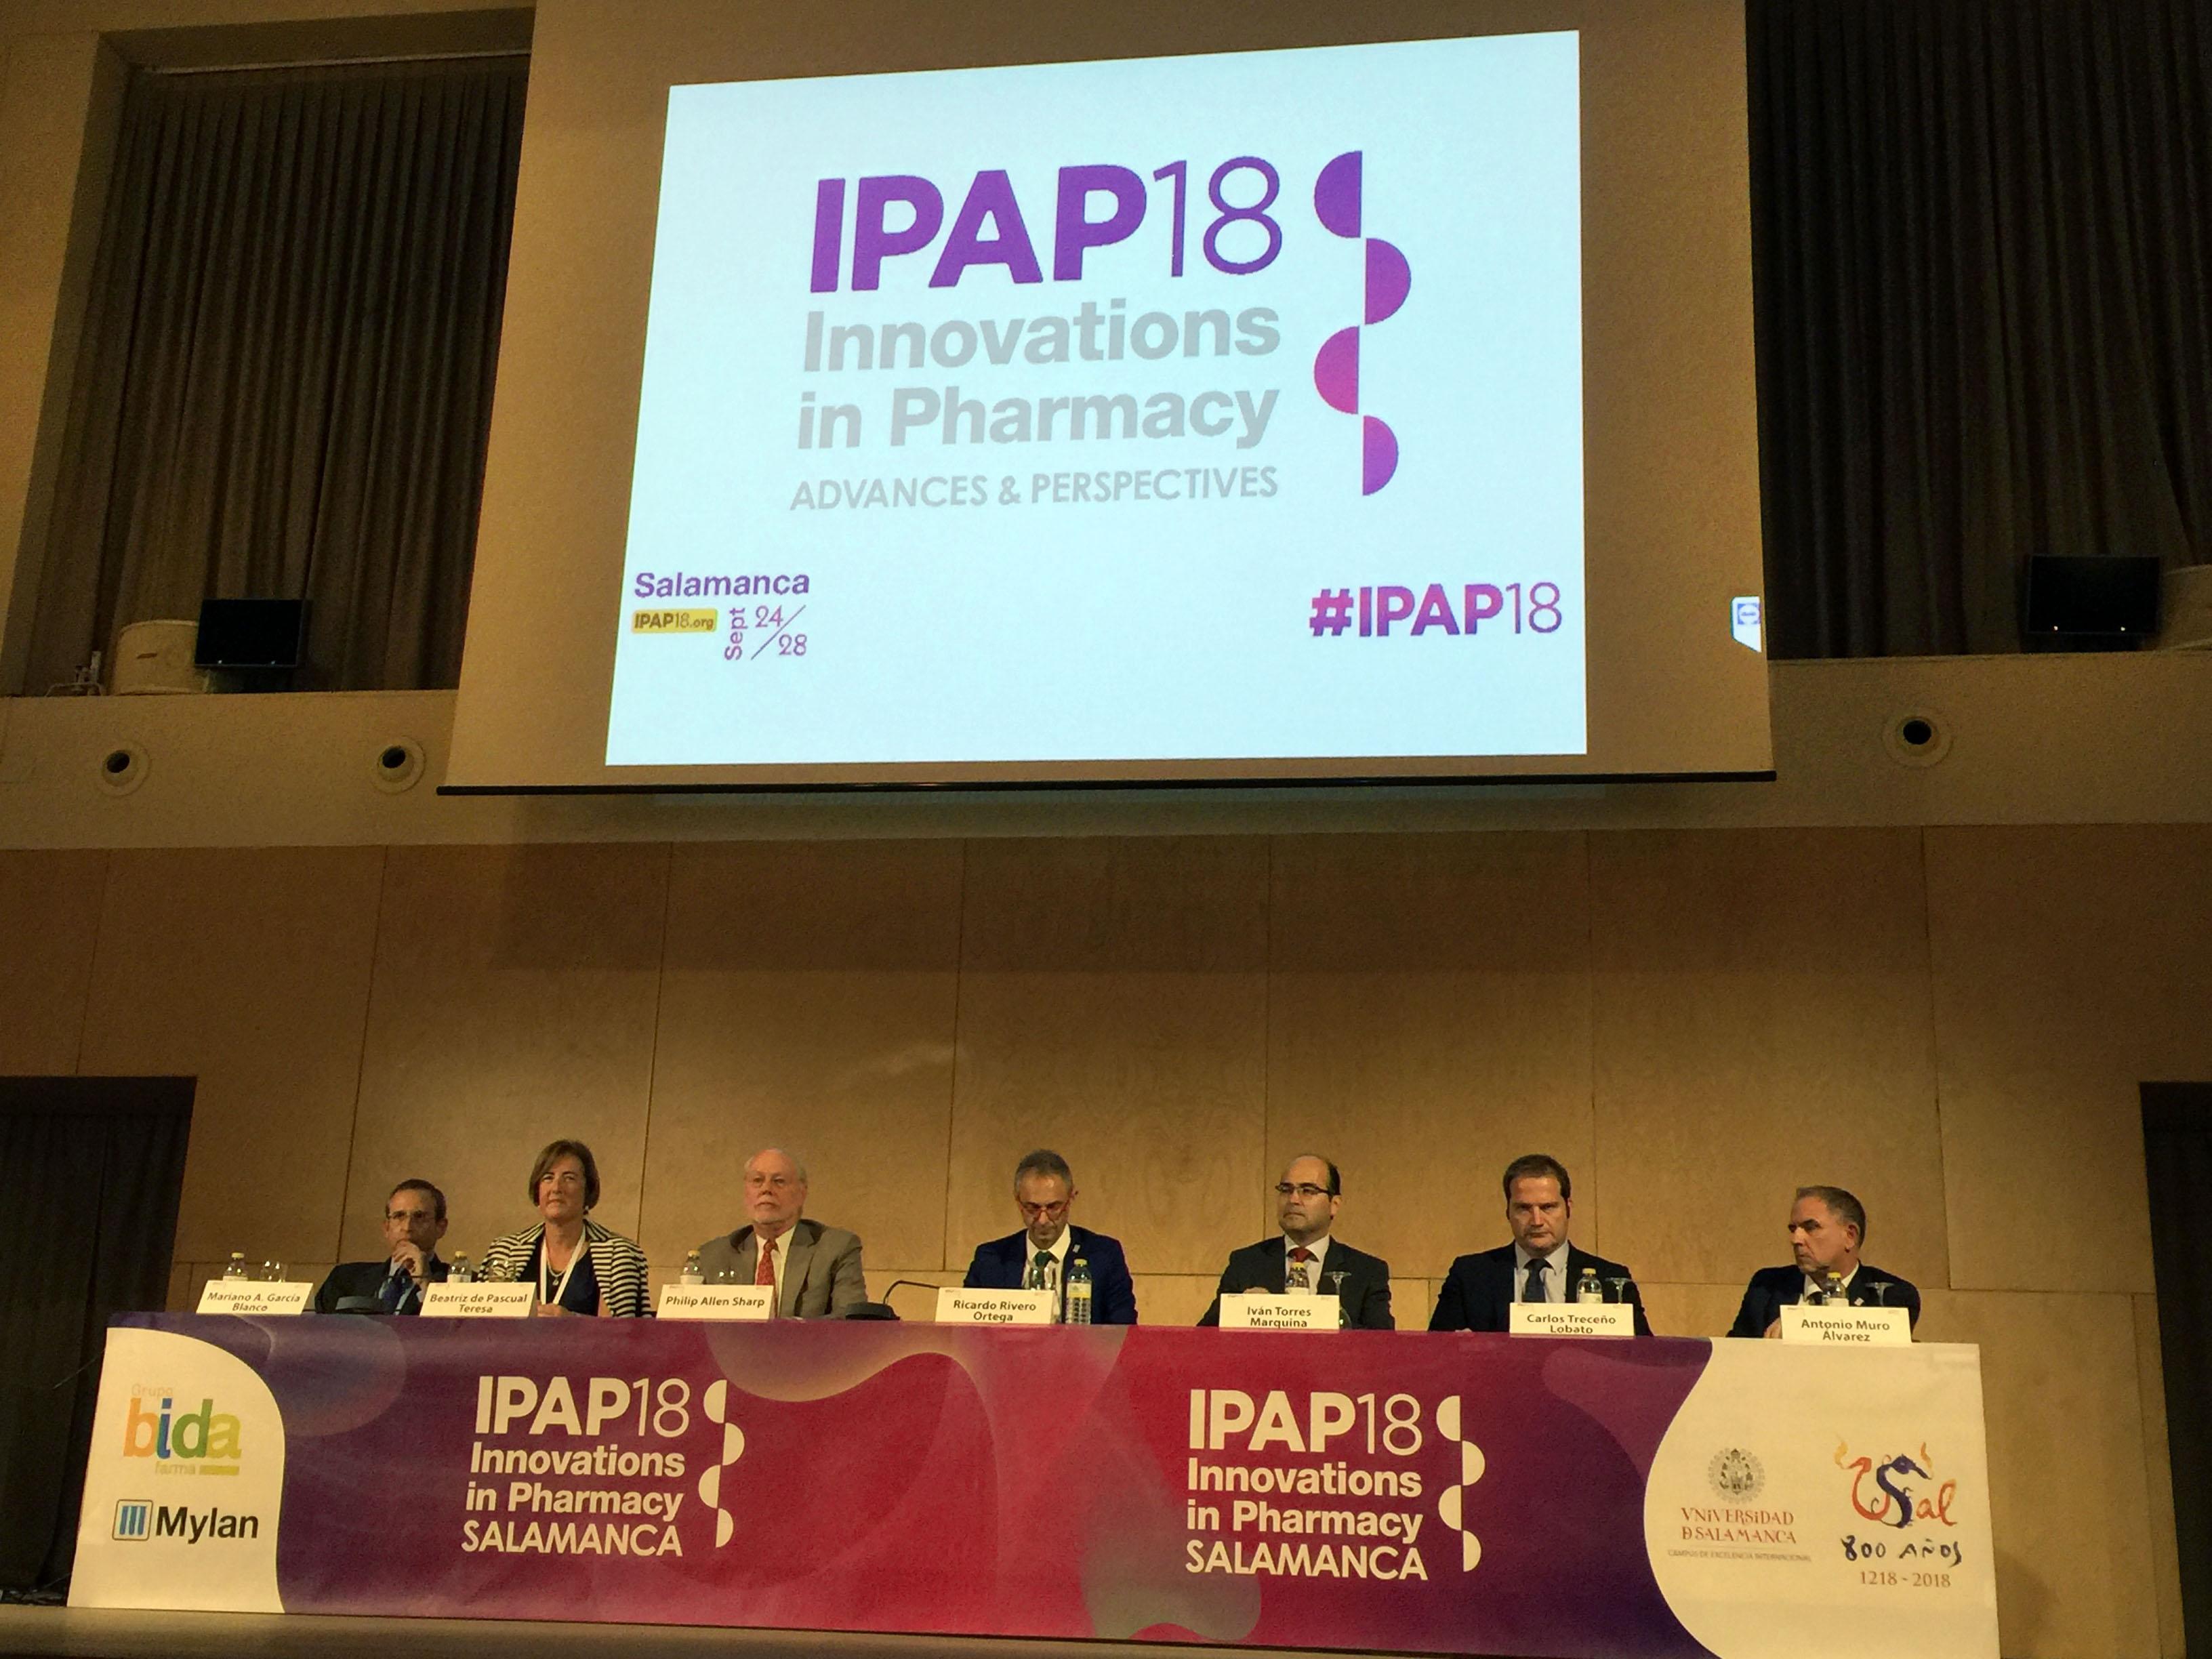 Mesa de honor ceremonia de apertura IPAP18